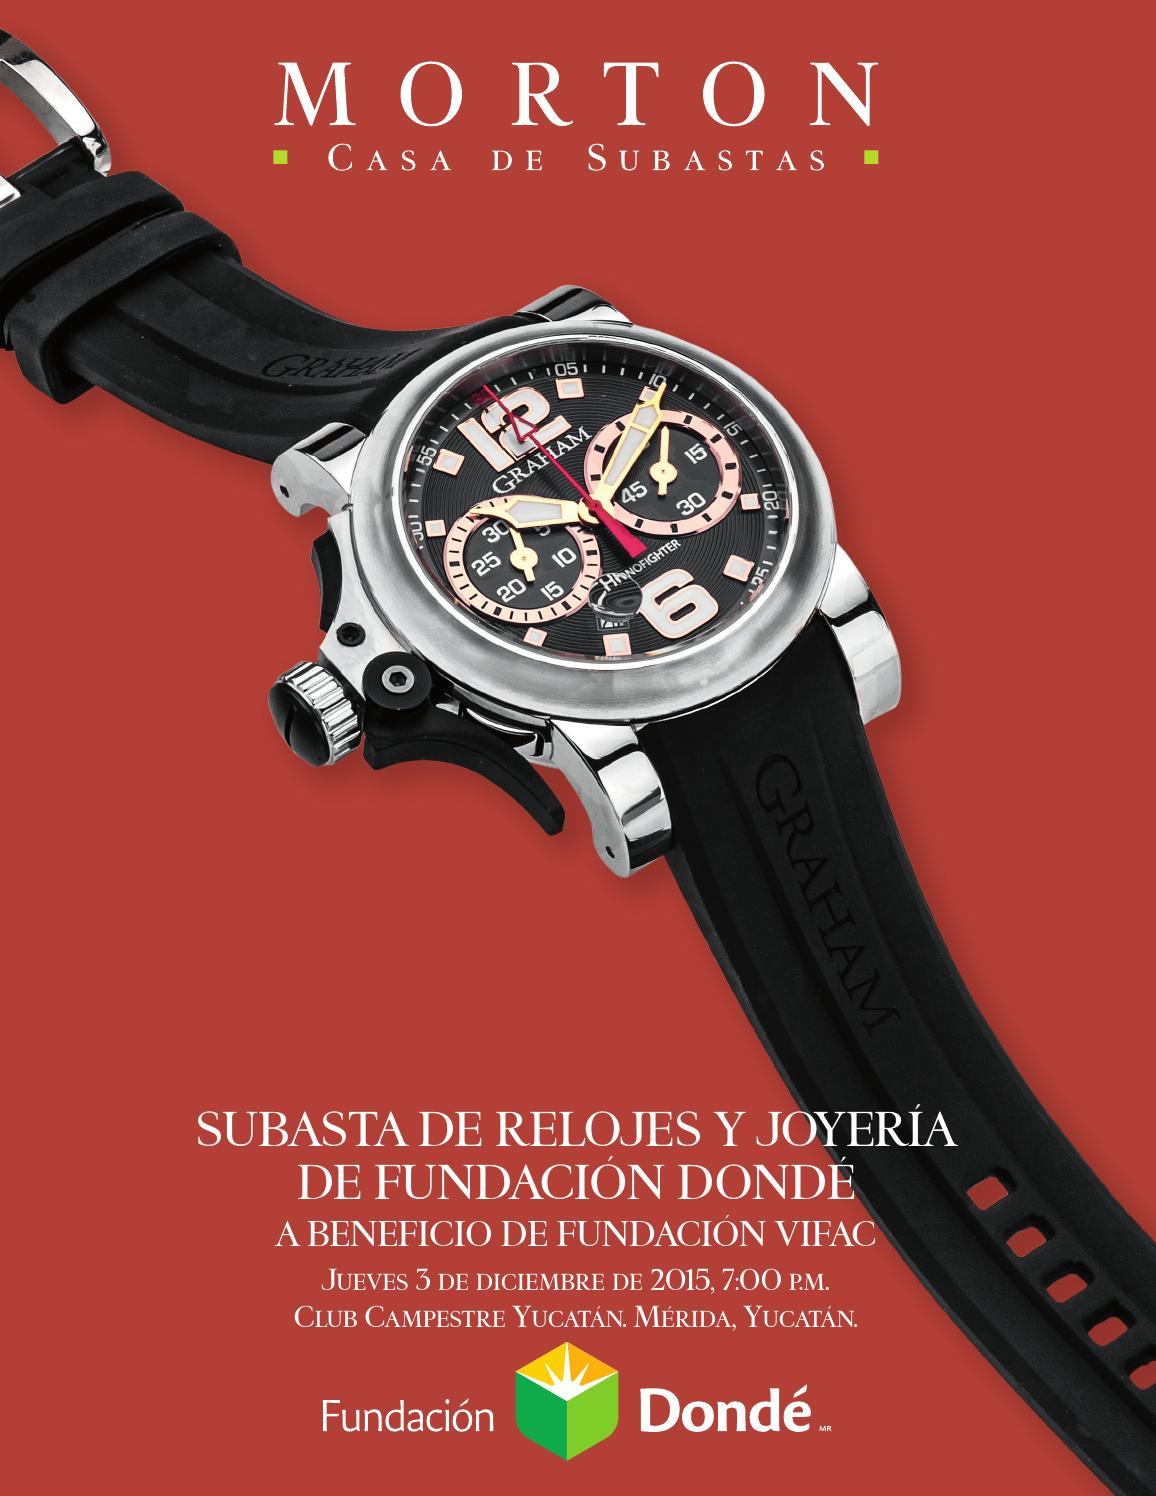 942ef7f58f0 Subasta de Relojes y Joyería de Fundación Dondé by Morton Subastas - issuu